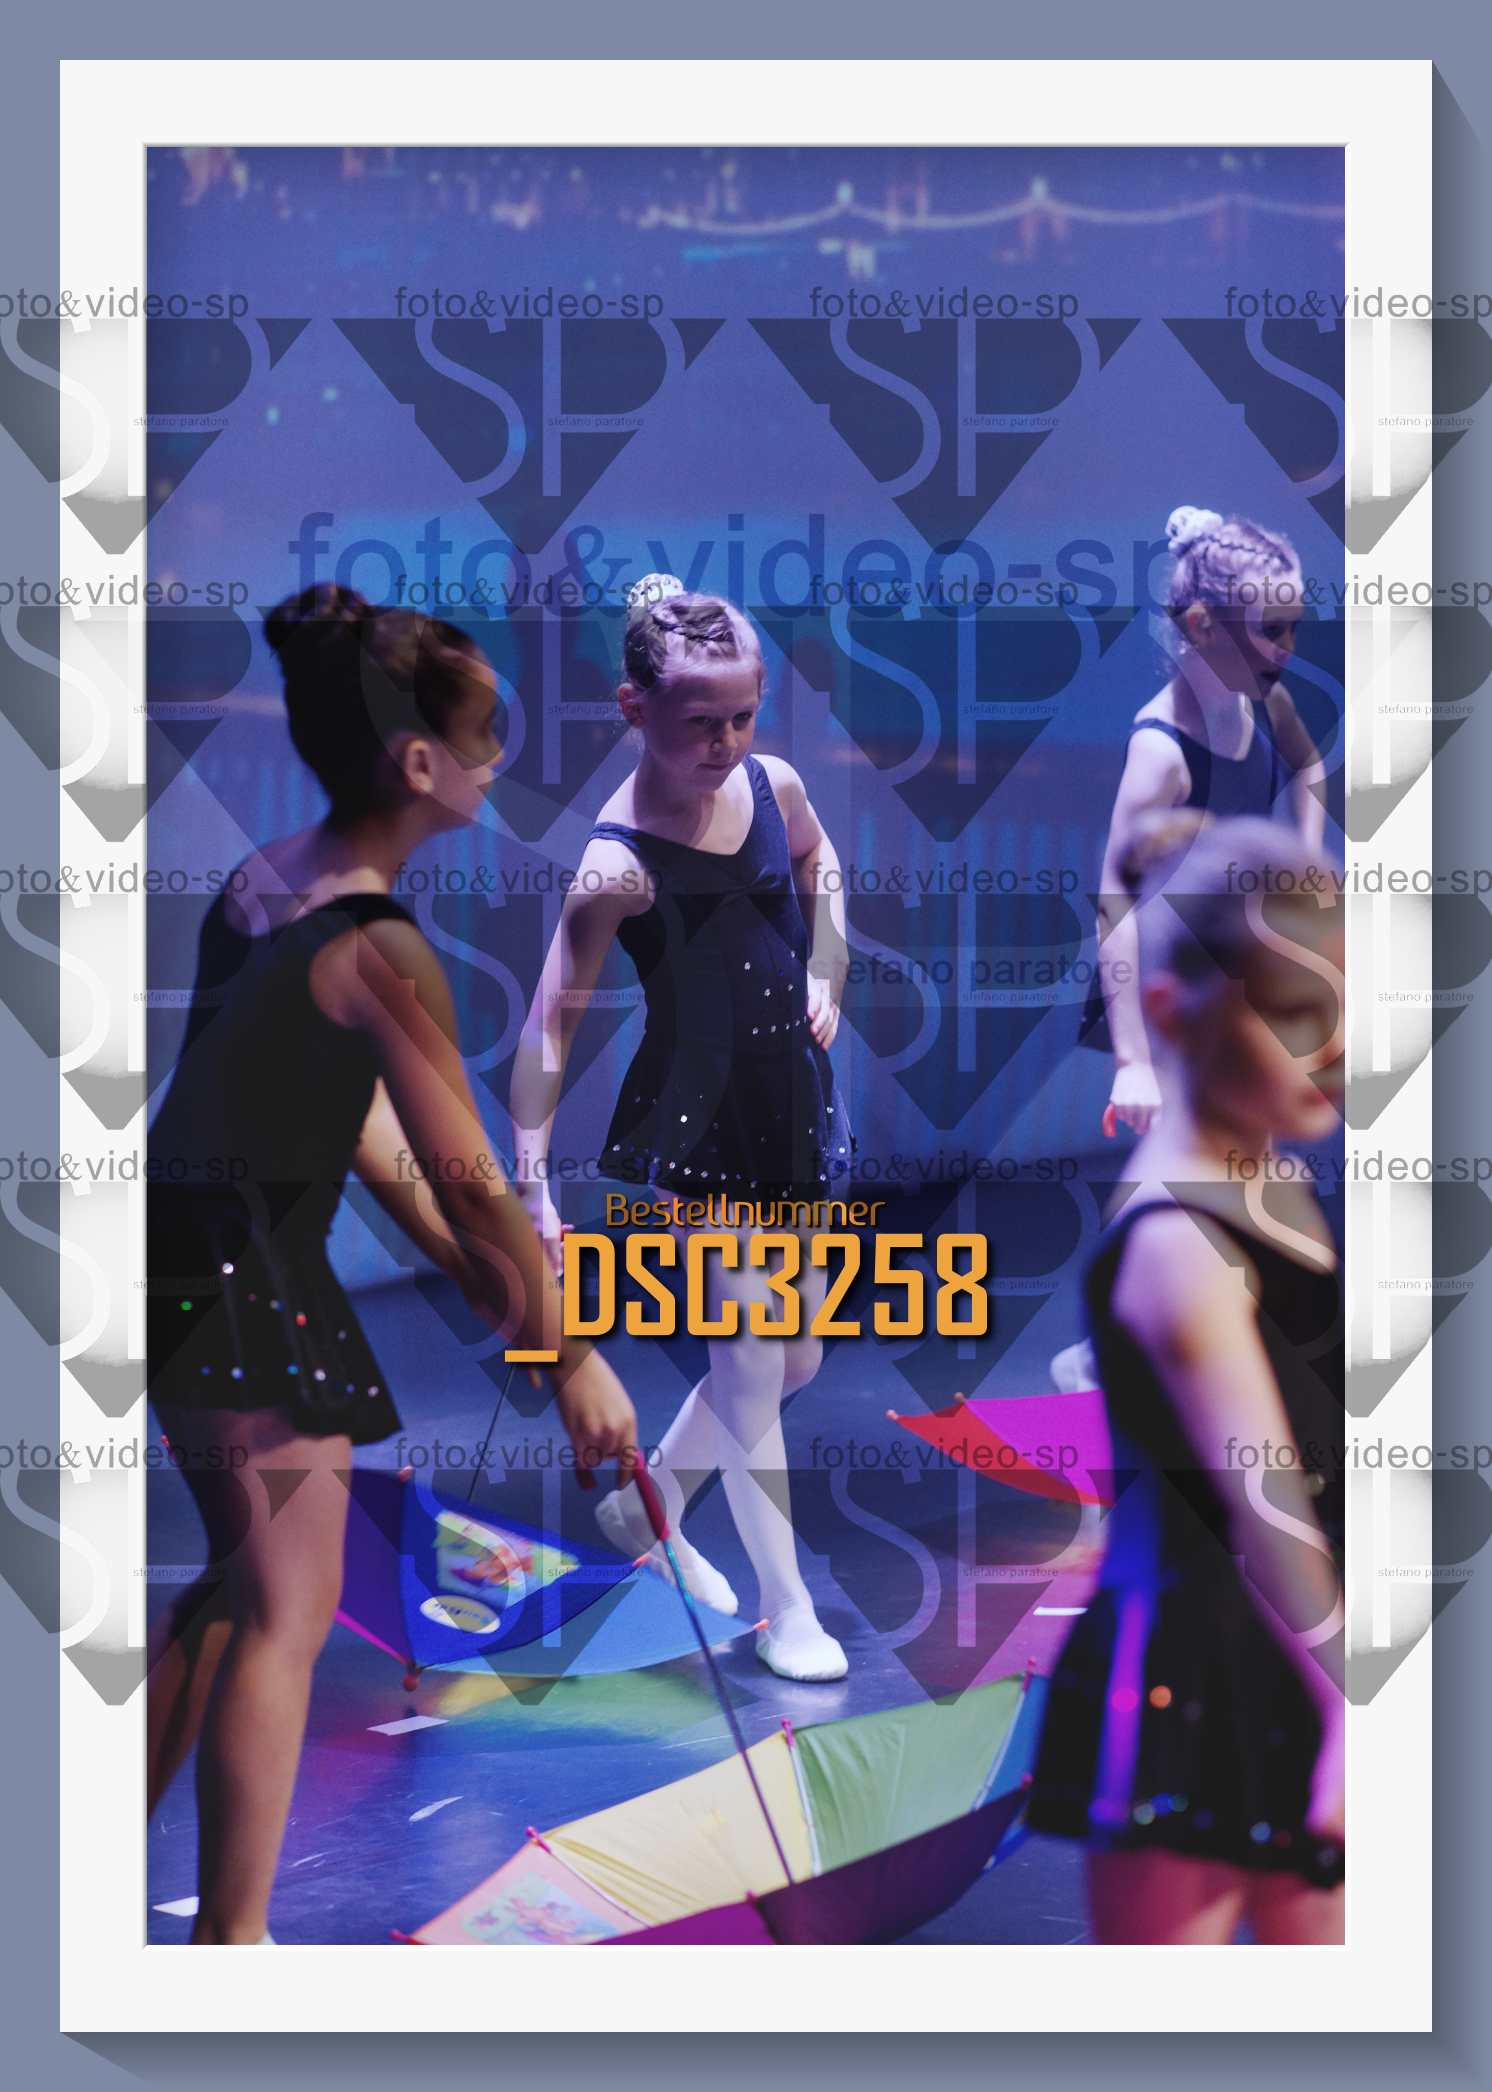 DSC3258